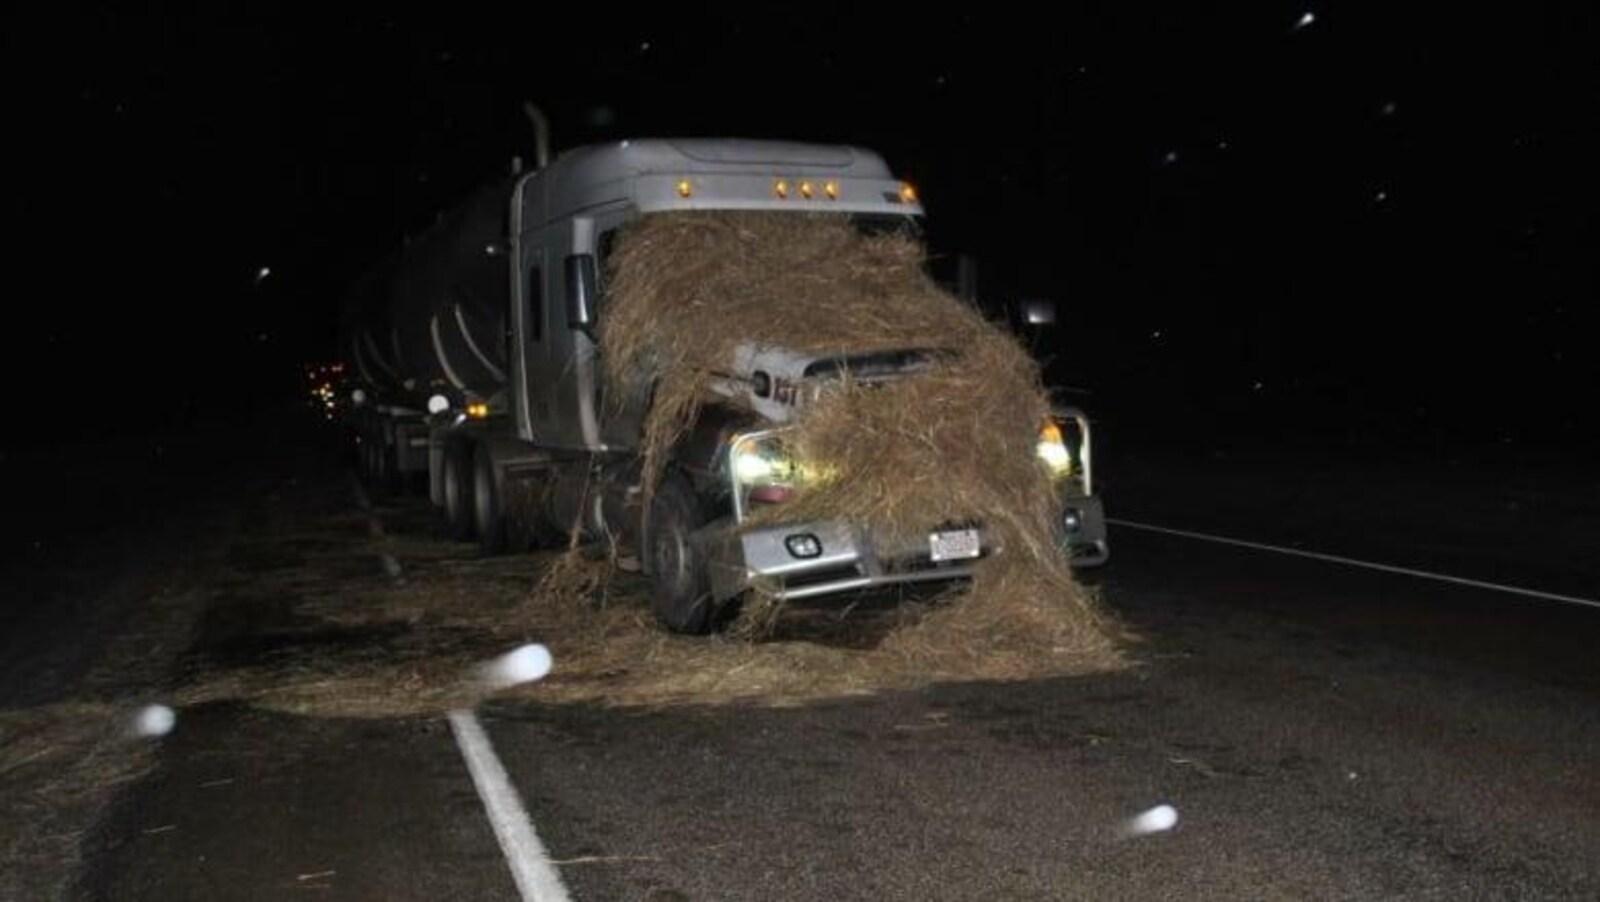 Un ballot de paille écrasé sur le devant d'un camion semi-remorque arrêté sur une autoroute.